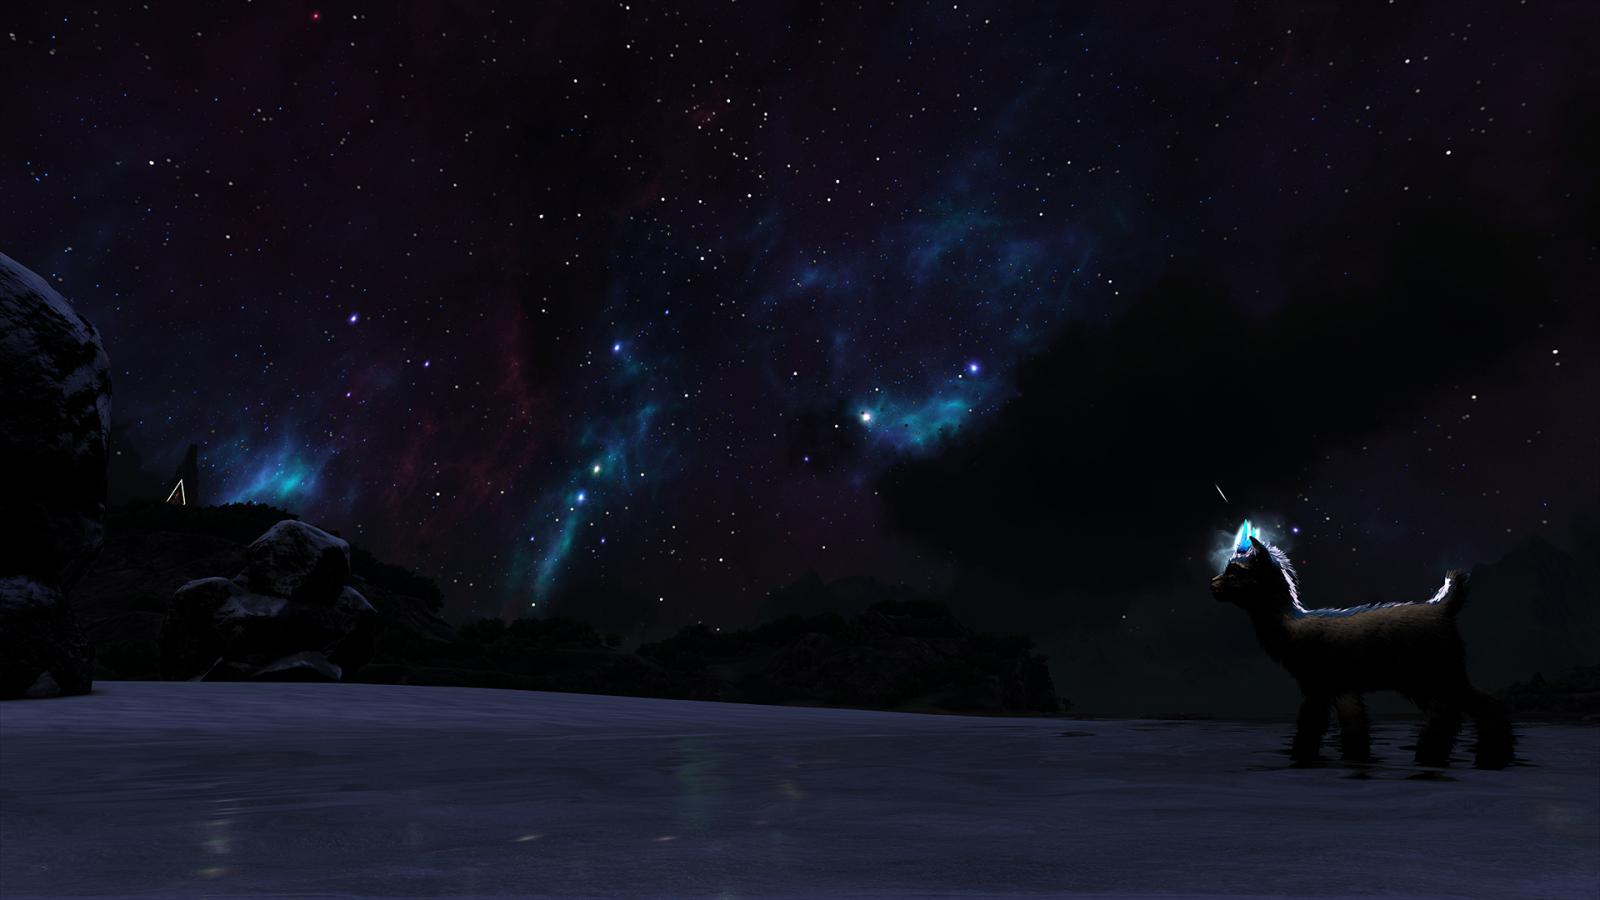 large.5aa703ed3b9b3_ZoaLive-Thedreamoffarawaygalaxies-SuperResolution.jpg